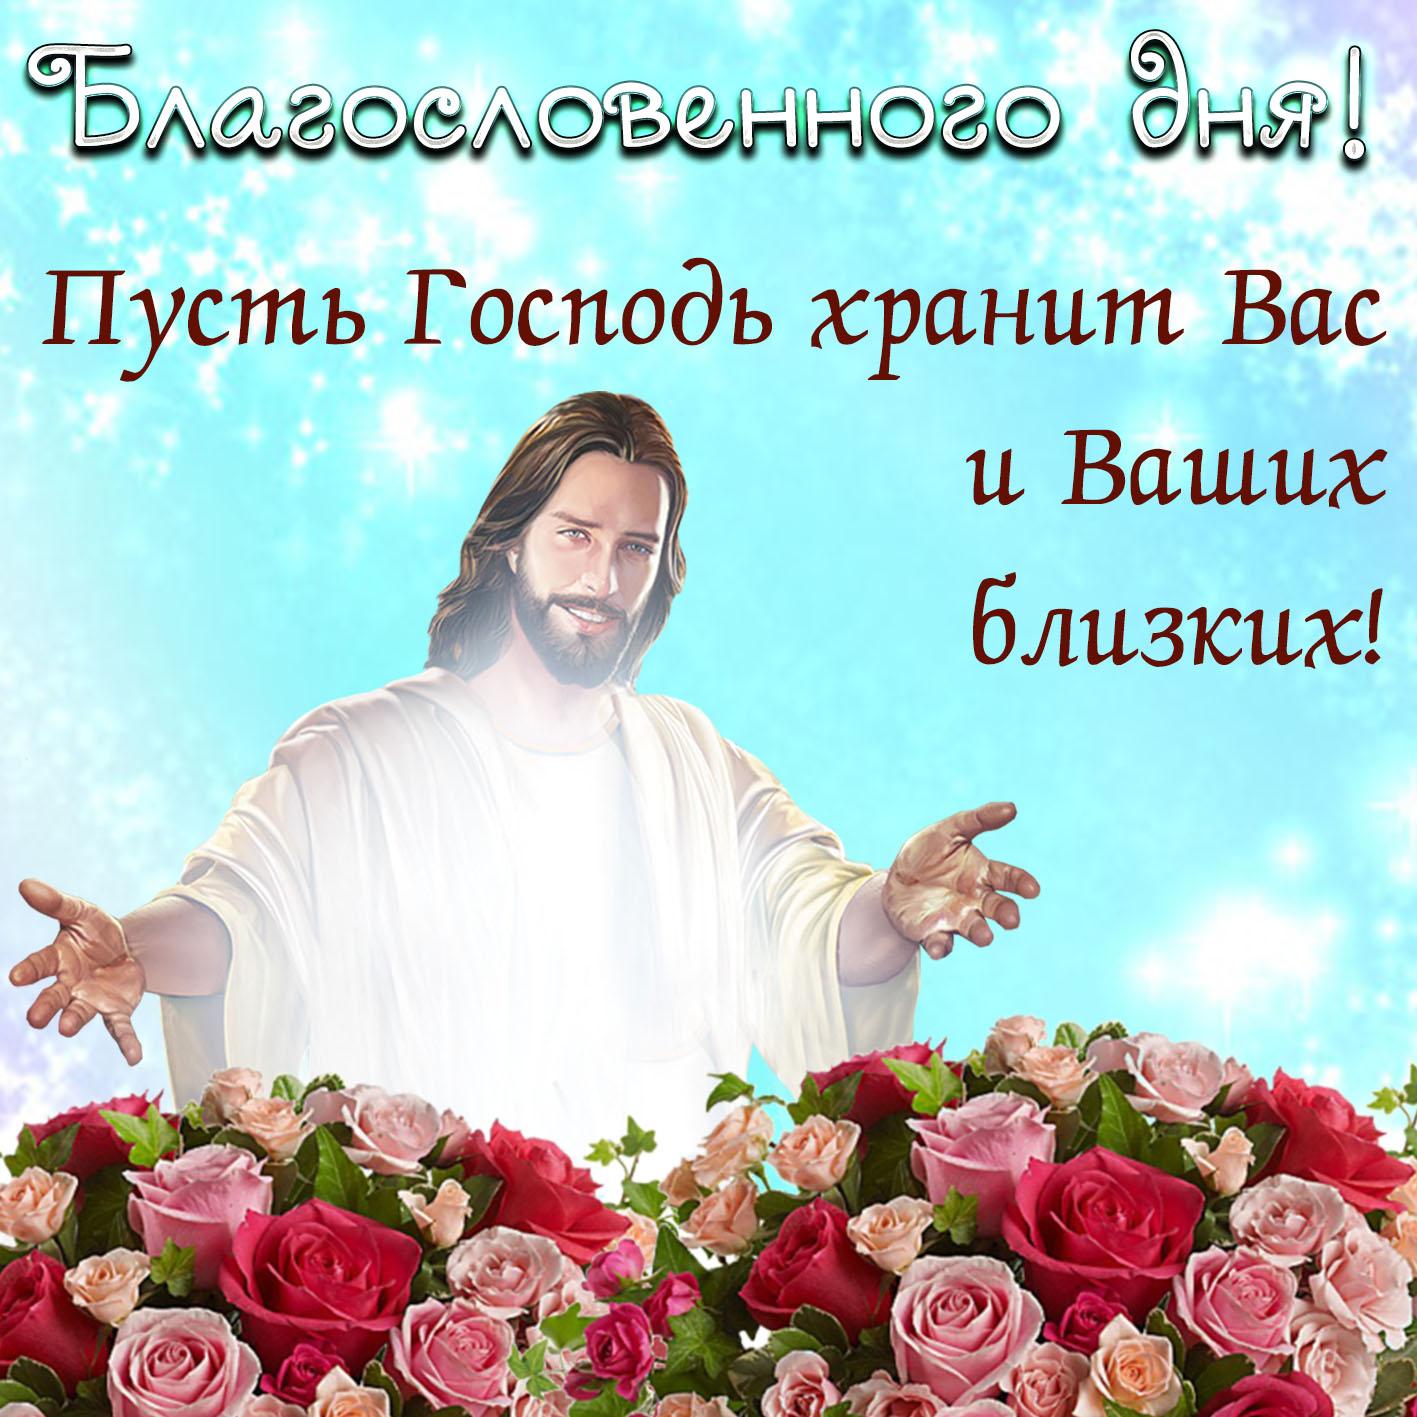 Картинки христианские добрый день